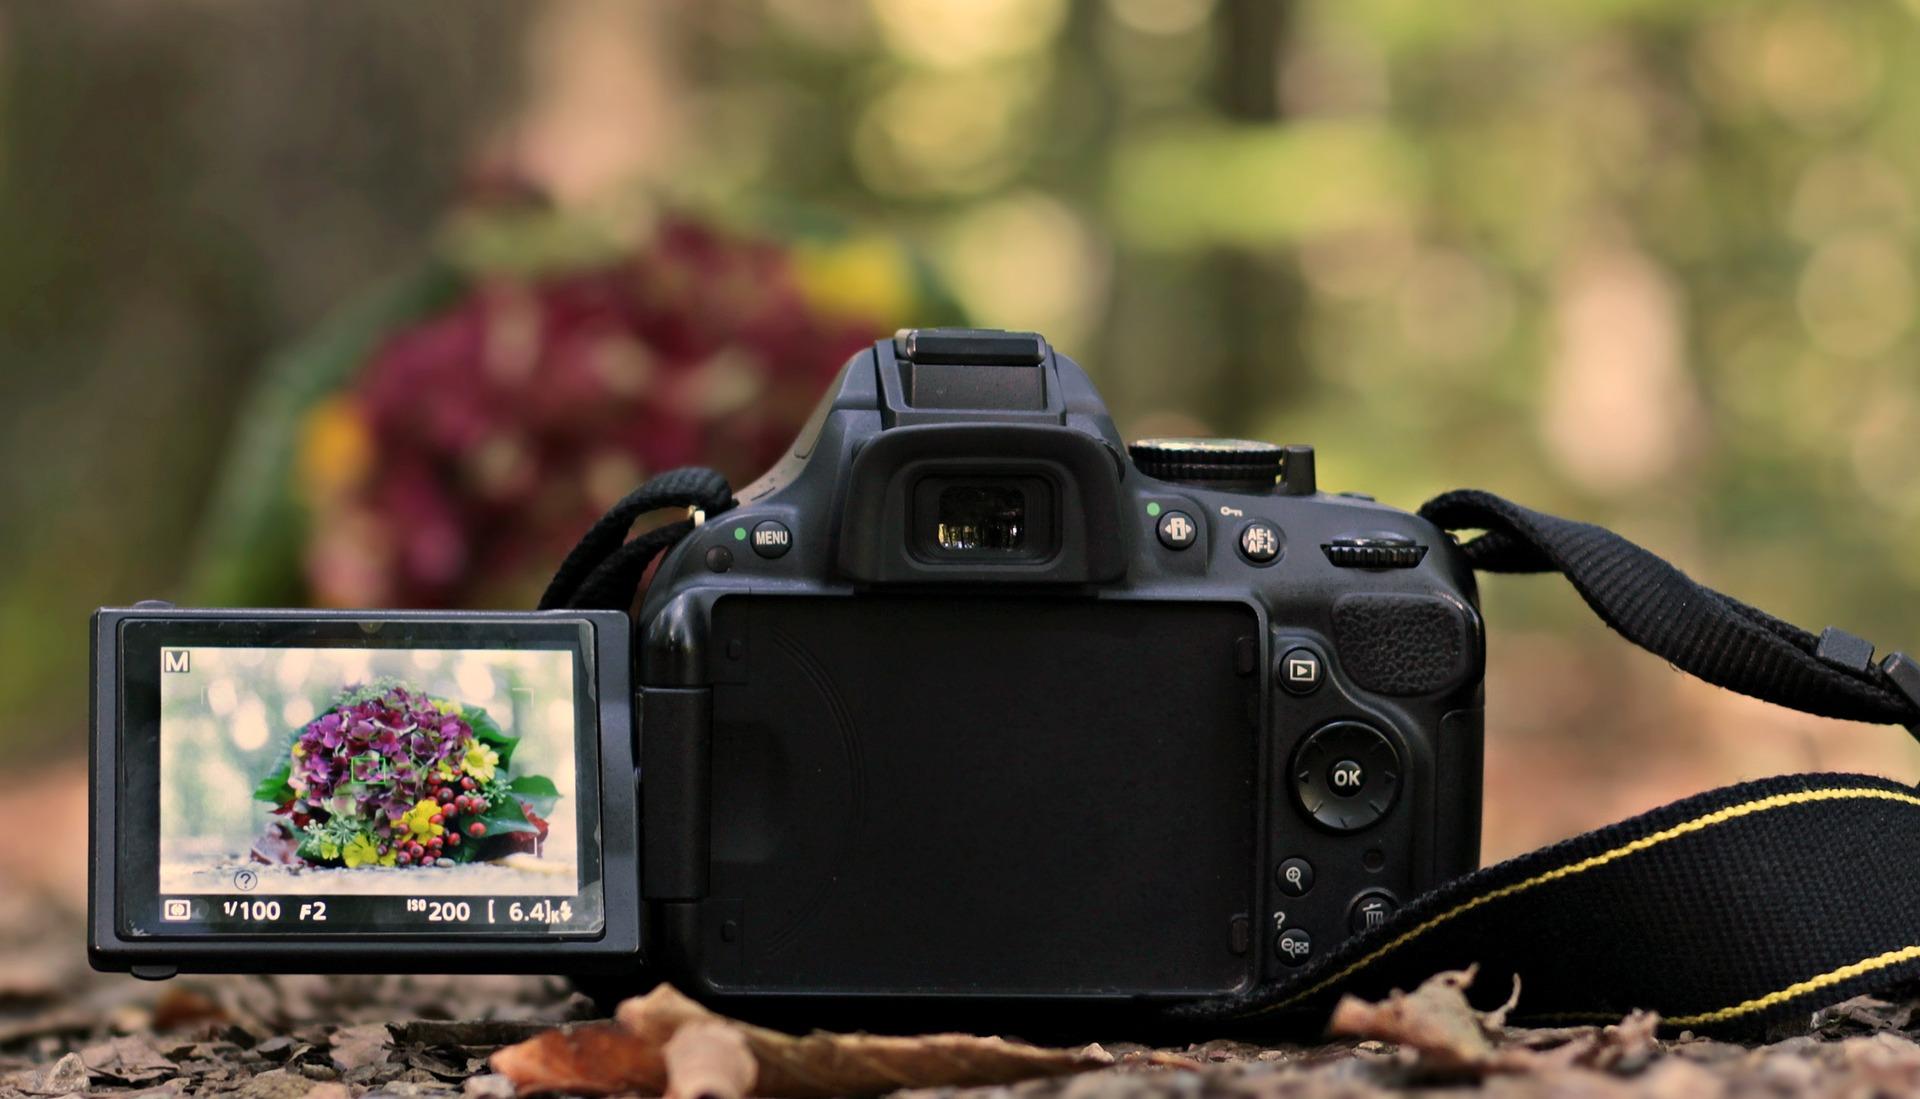 slr-camera-3752493_1920.jpg